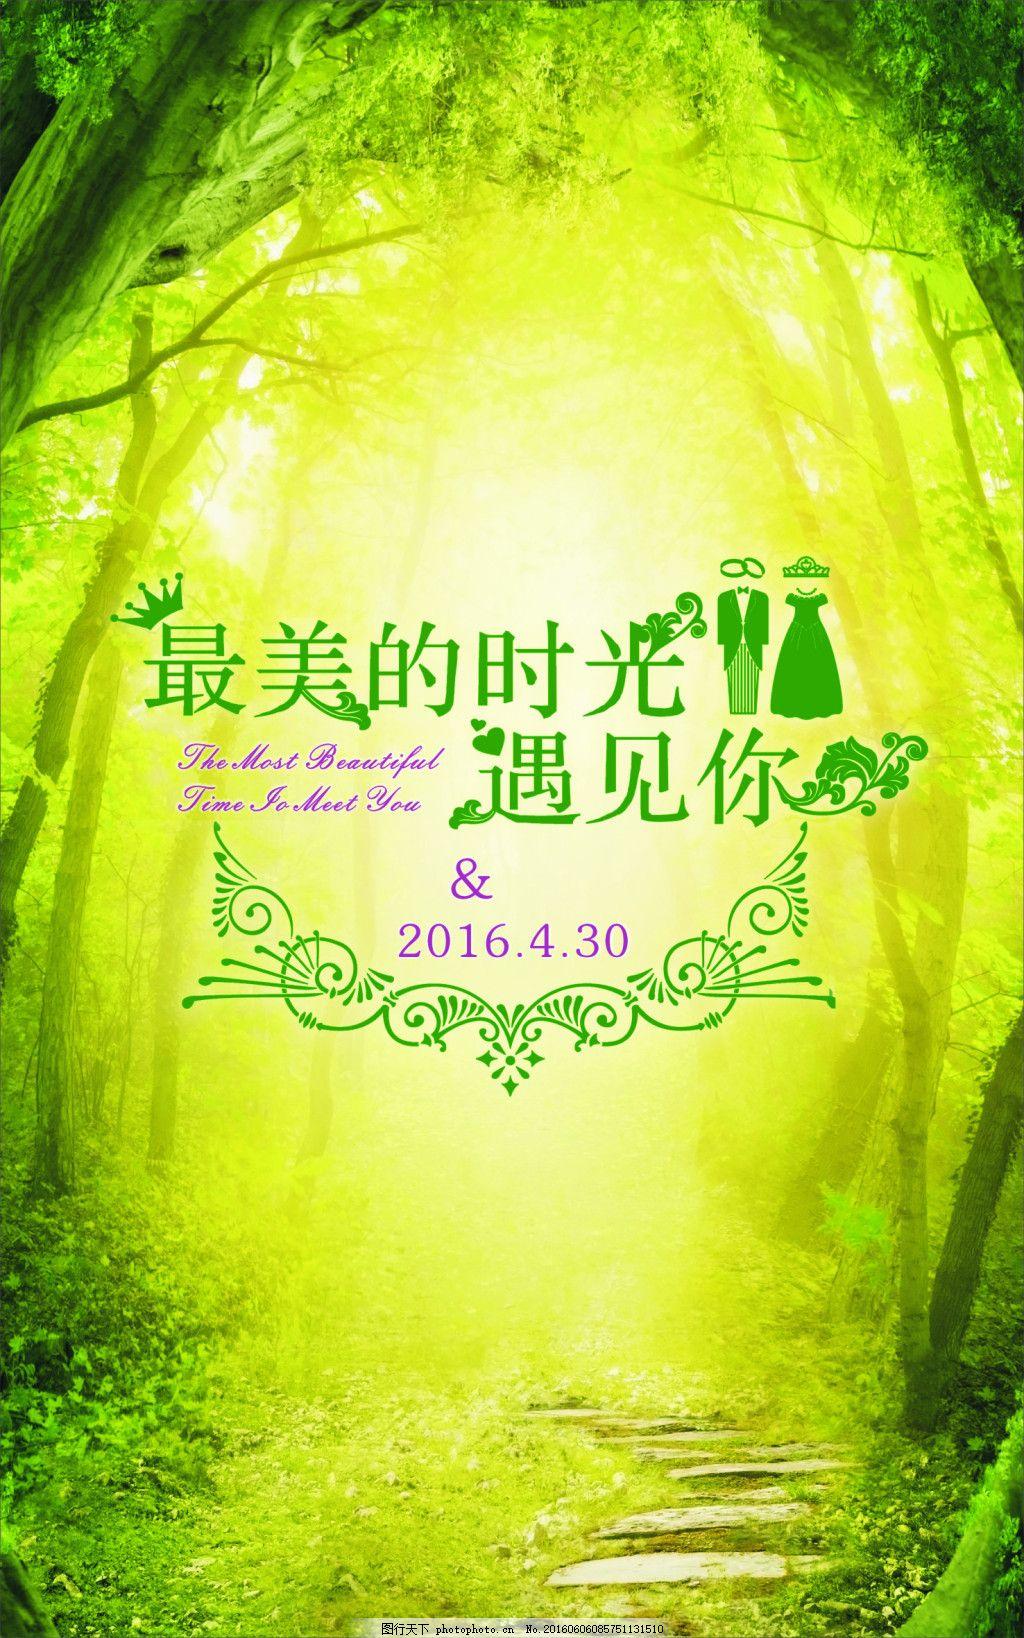 婚礼 森林主题 婚礼背景 喷绘 婚礼素材 婚庆 结婚典礼 幸福开始